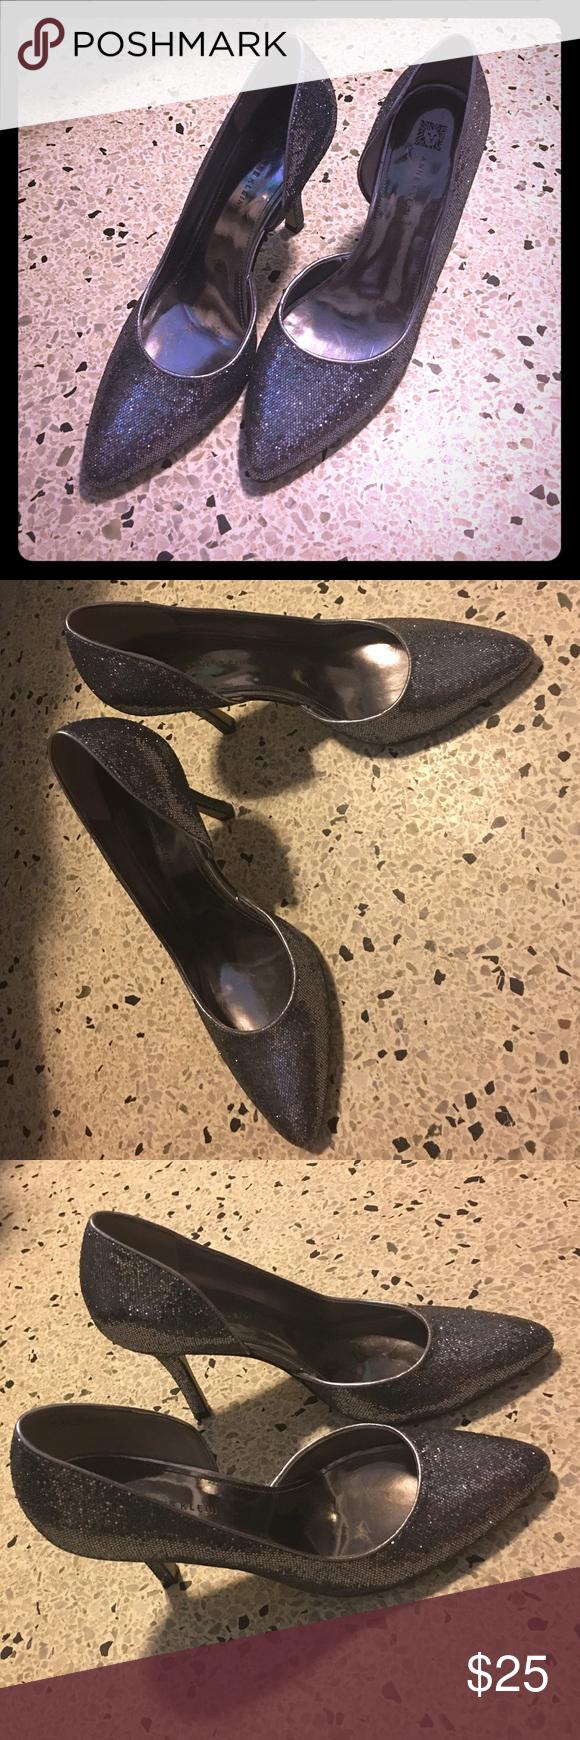 Anne Klein size 10 stilettos Sparkle out of this world stilettos worn twice at banquettes (minimal walking / wear) Anne Klein Shoes Heels